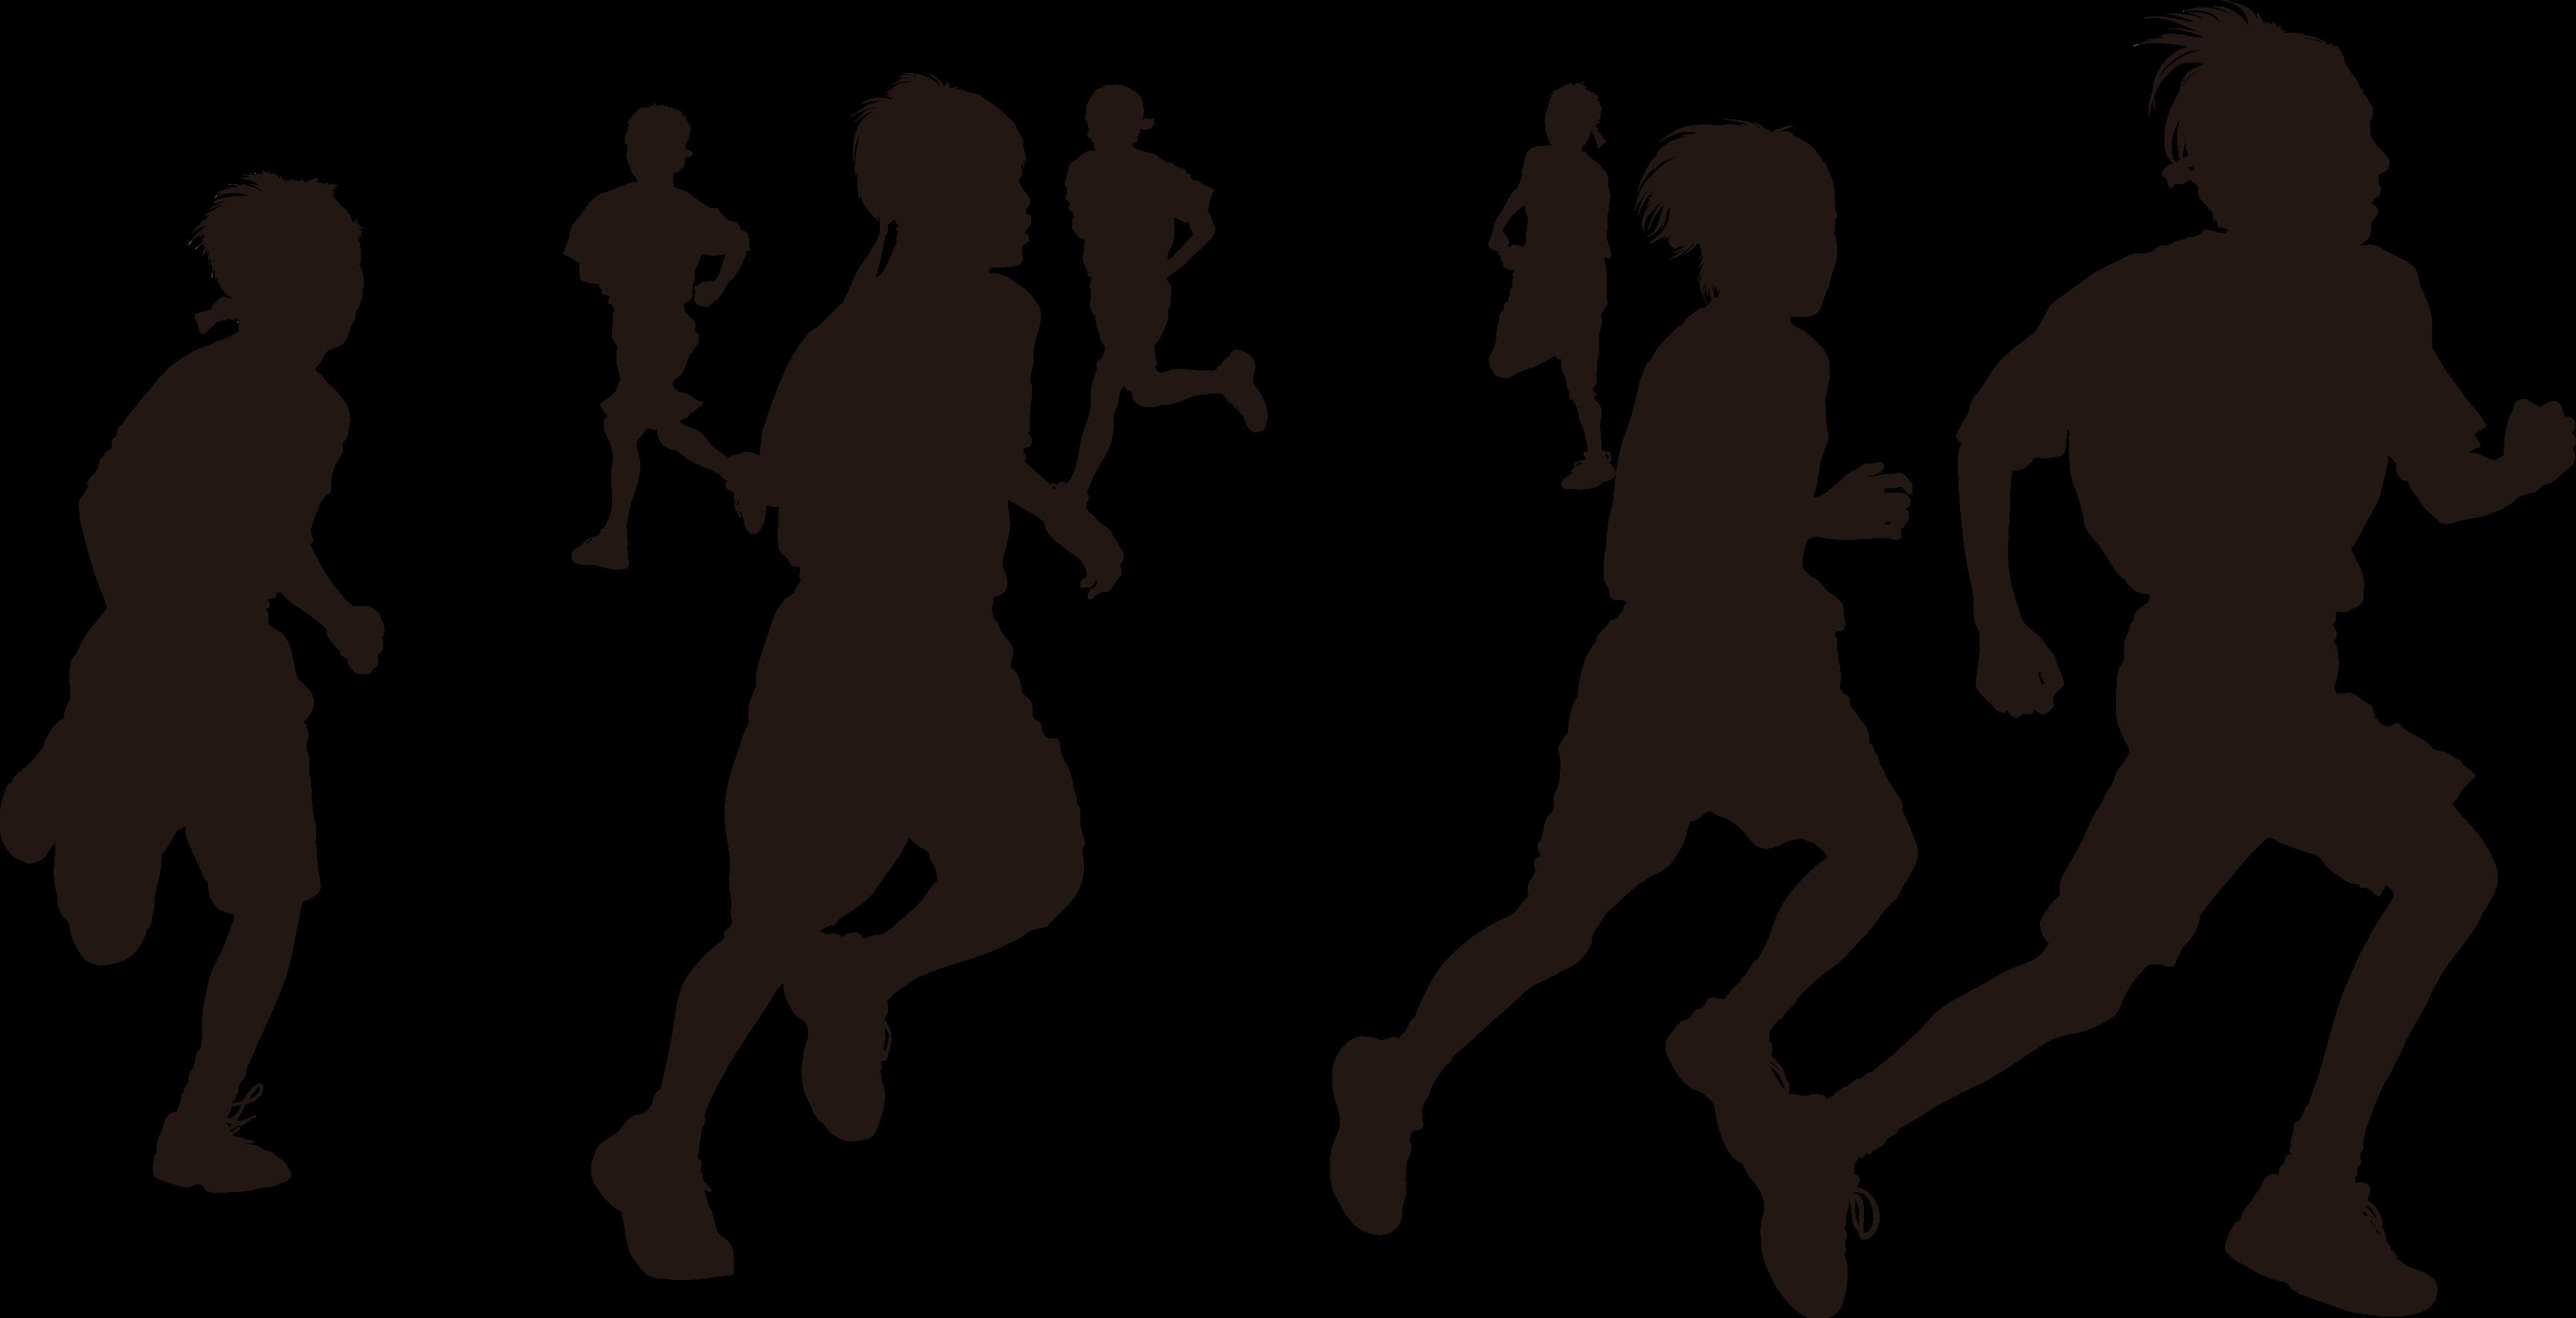 初心者の貴方は、オンラインマラソン 走りますか?走りませんか?